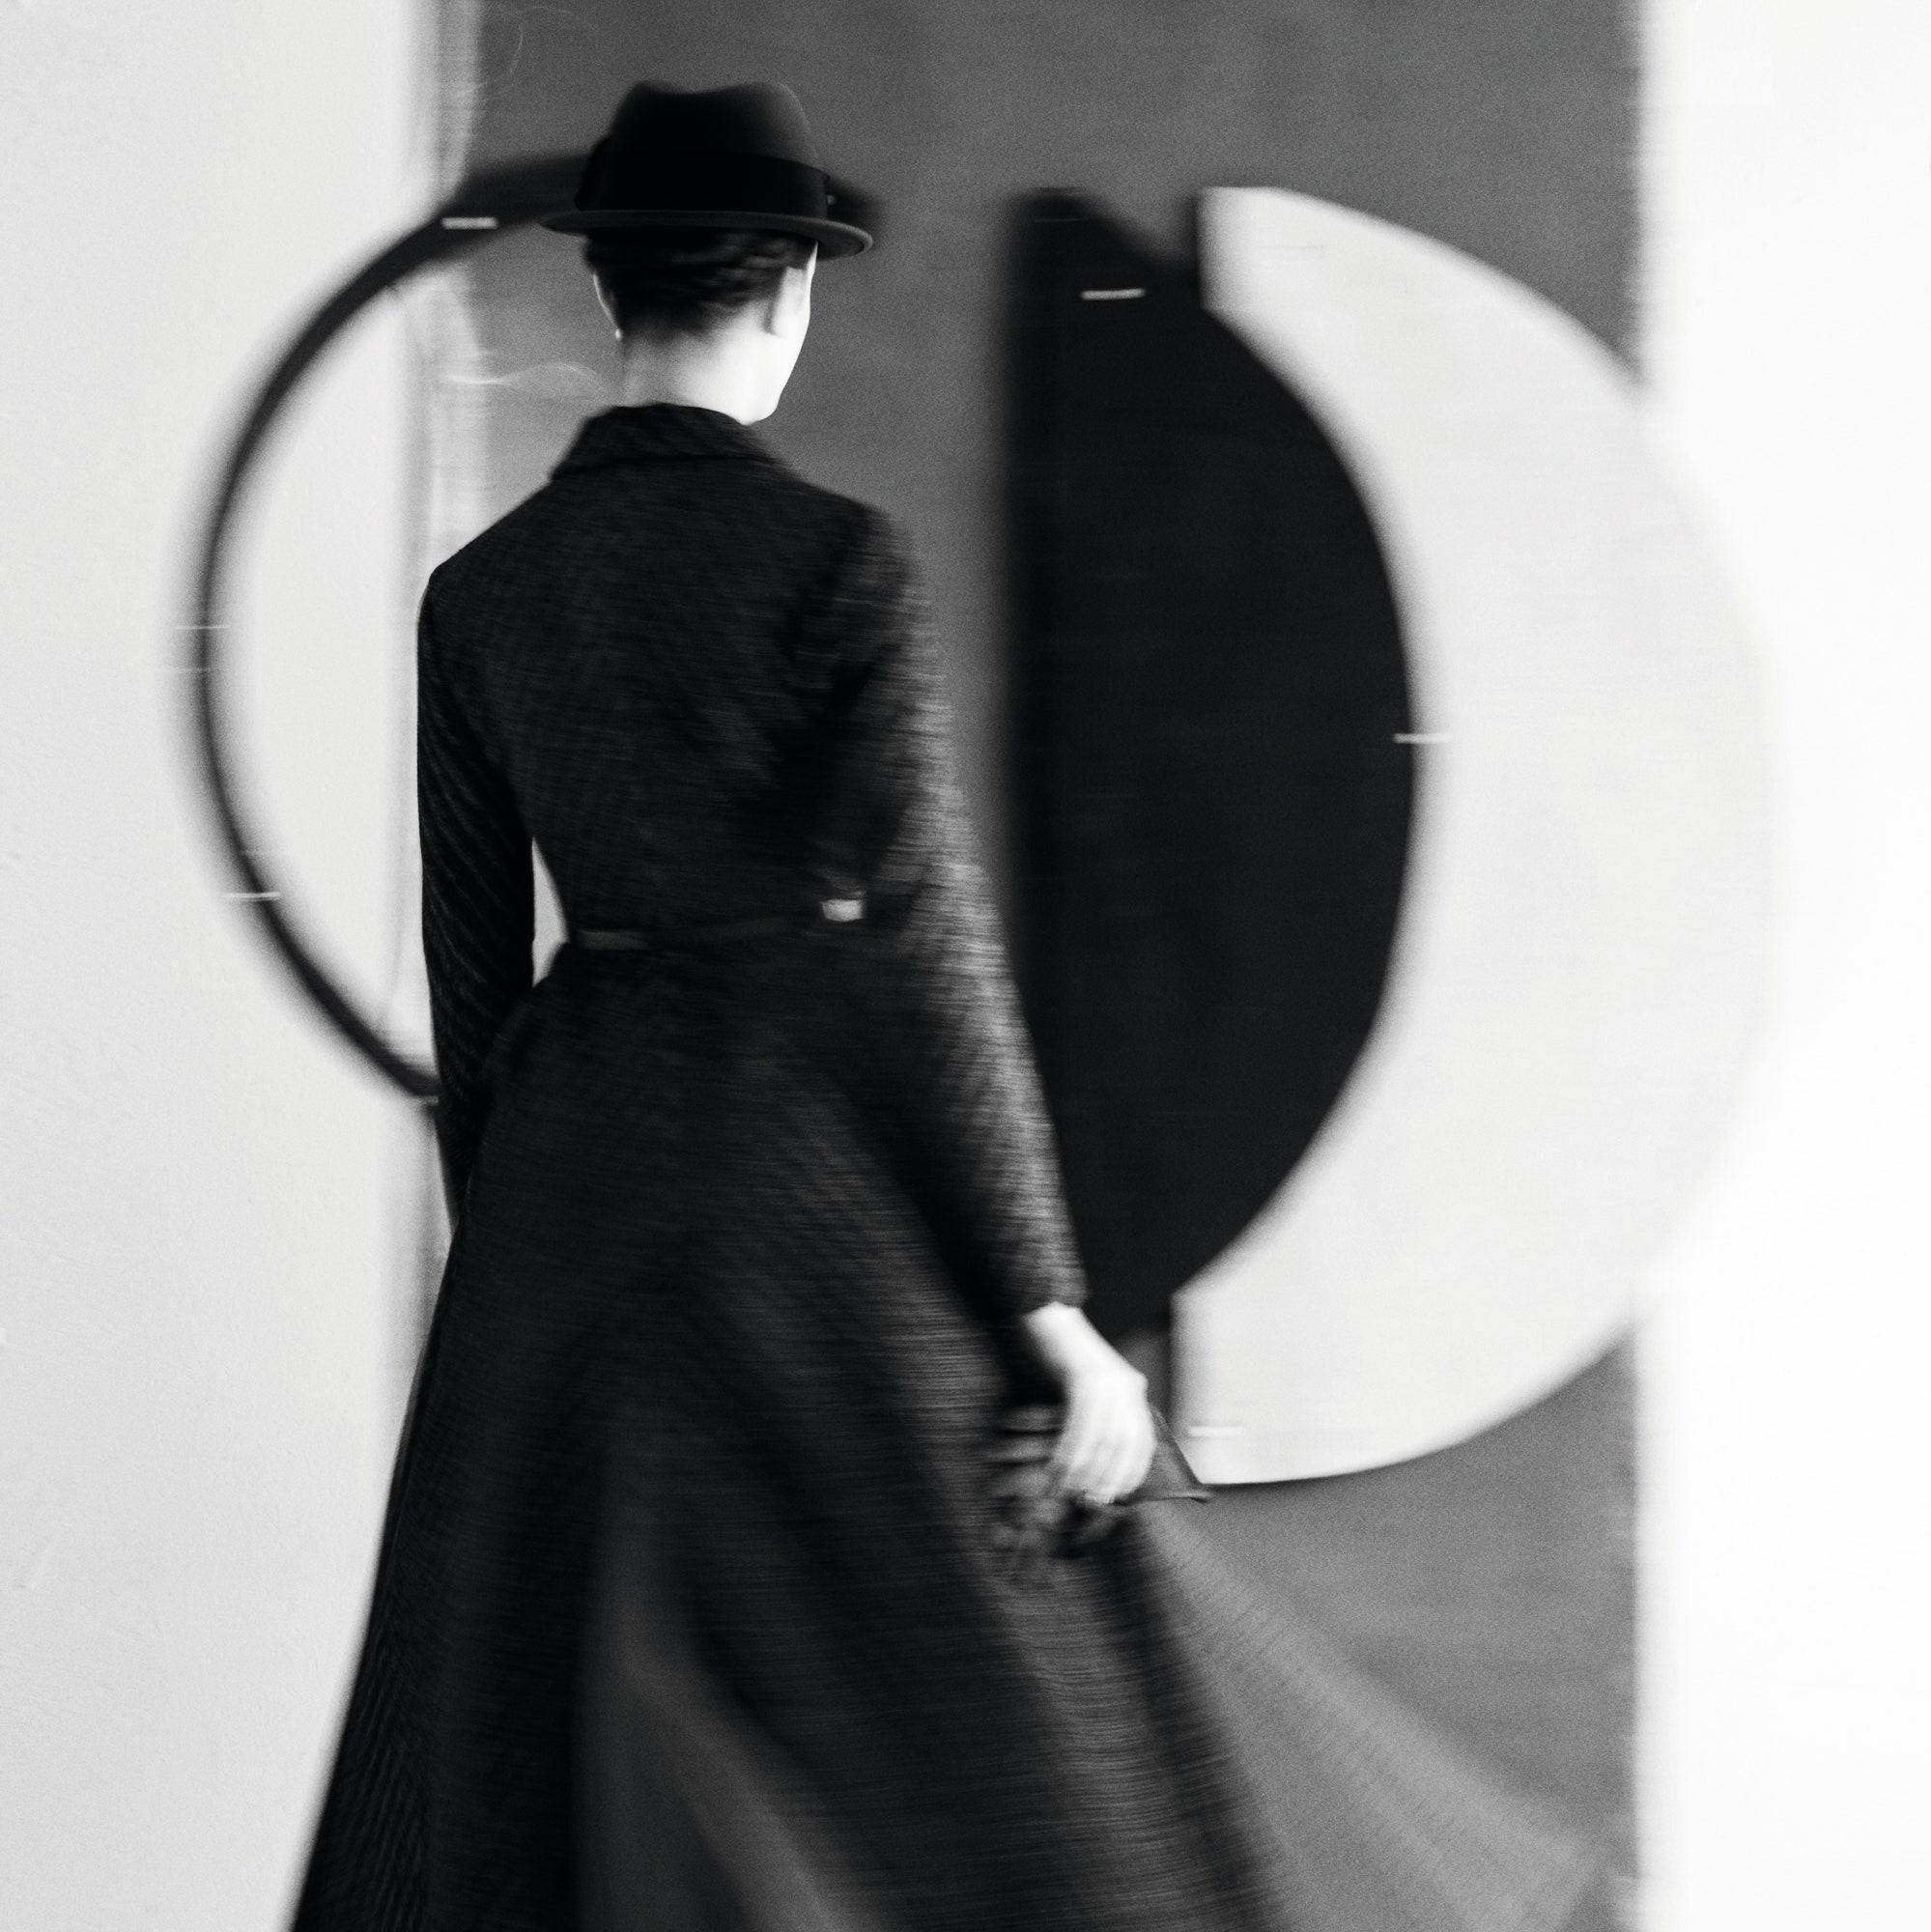 Круизный показ Dior 2022: Мария Грация Кьюри рассказывает, чего ждать от шоу в Греции